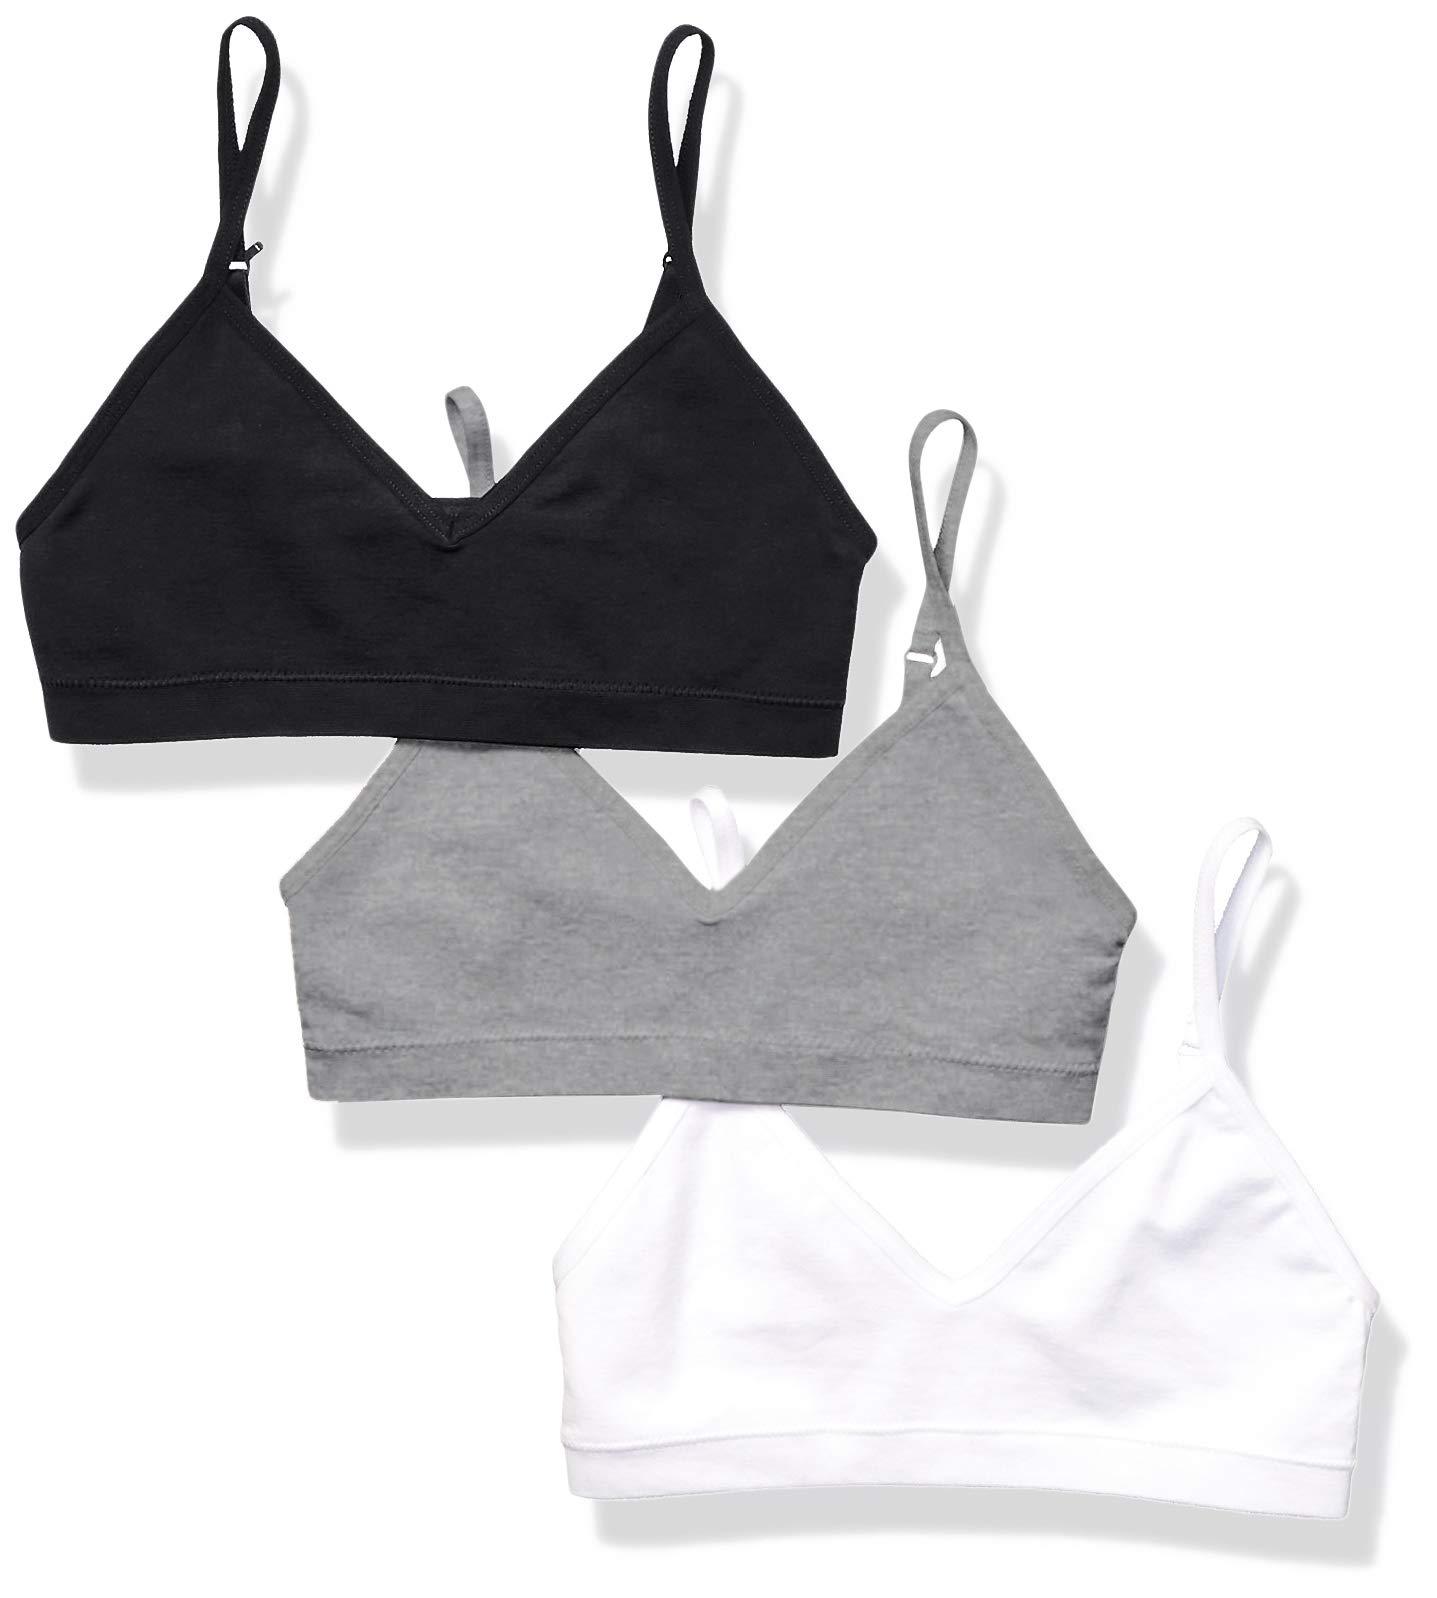 Amazon Essentials Girls' 3-Pack Seamless Training Bra, Grey Heather/White/Black by Amazon Essentials